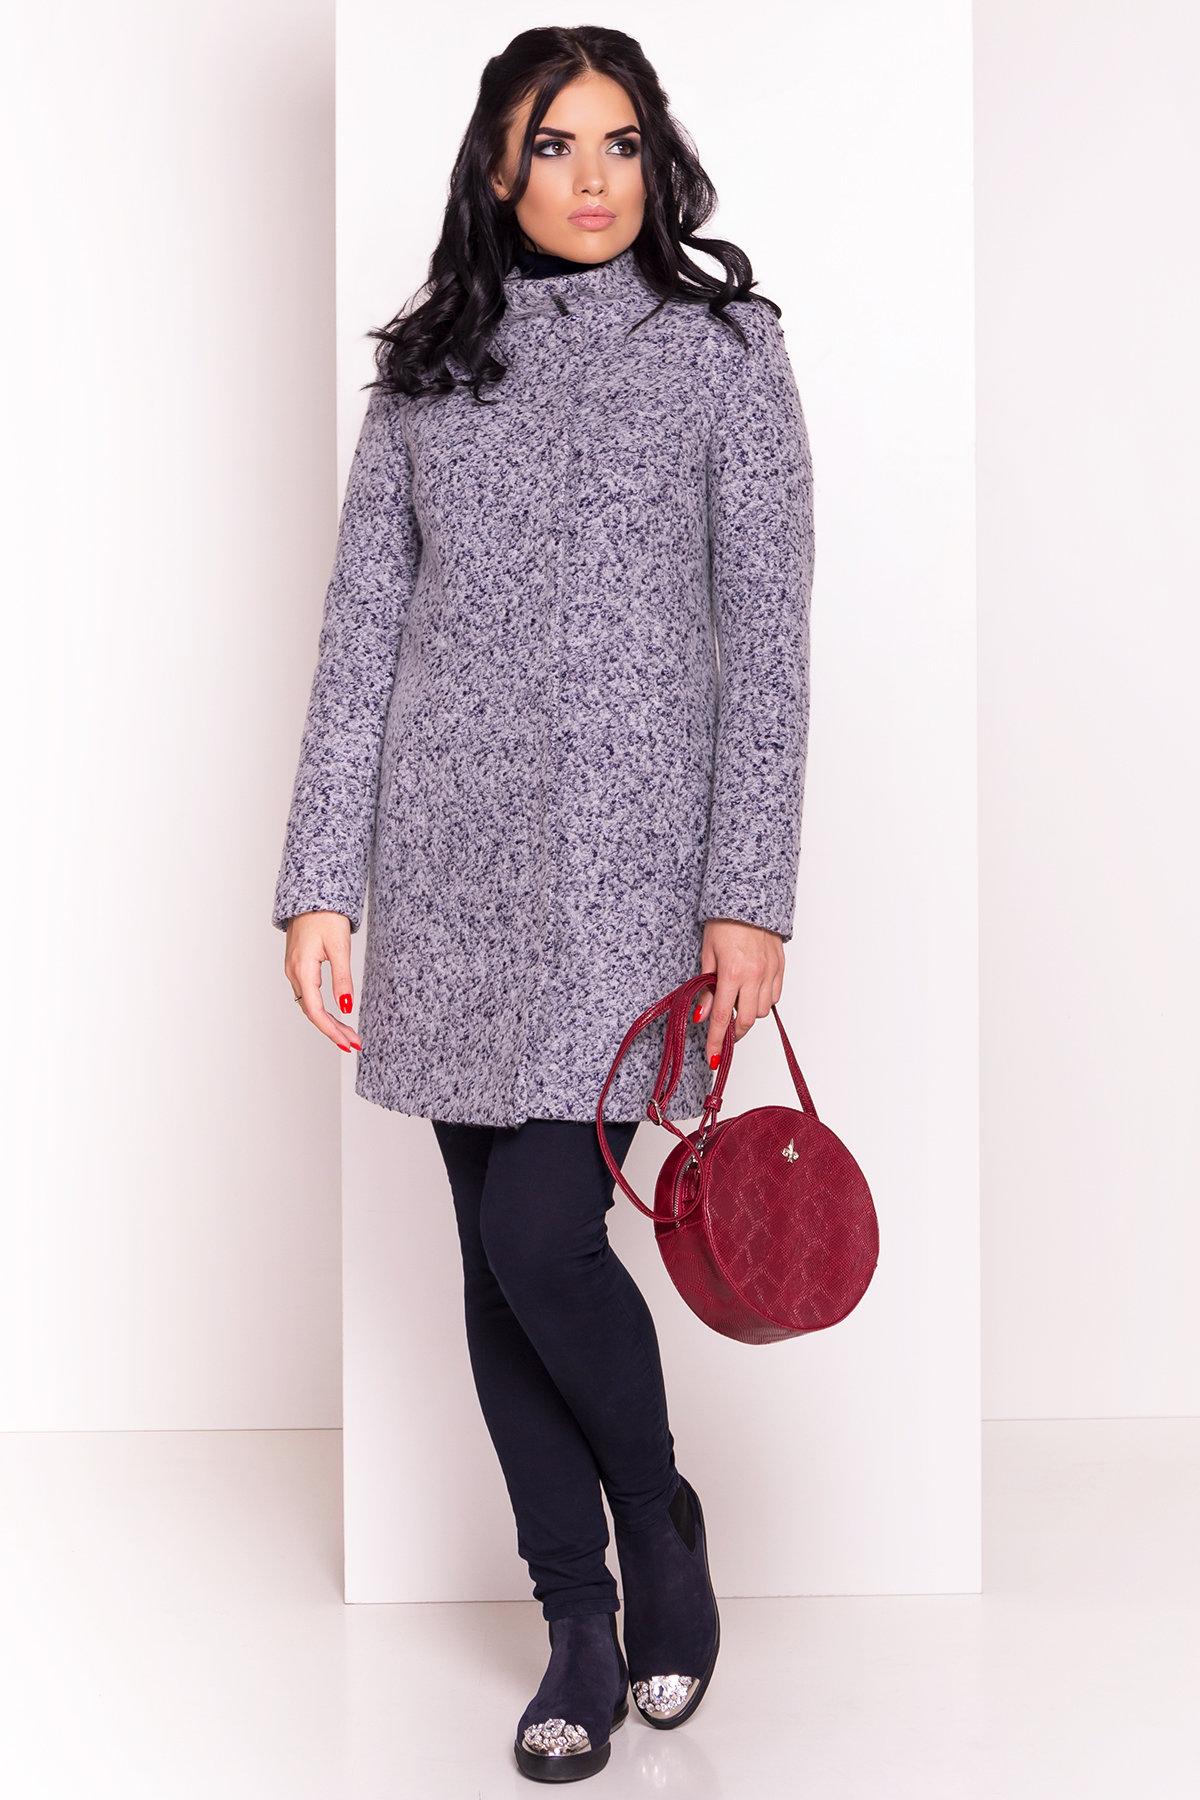 Пальто зима Фортуна 0574 АРТ. 19145 Цвет: Серый/голубой - фото 2, интернет магазин tm-modus.ru